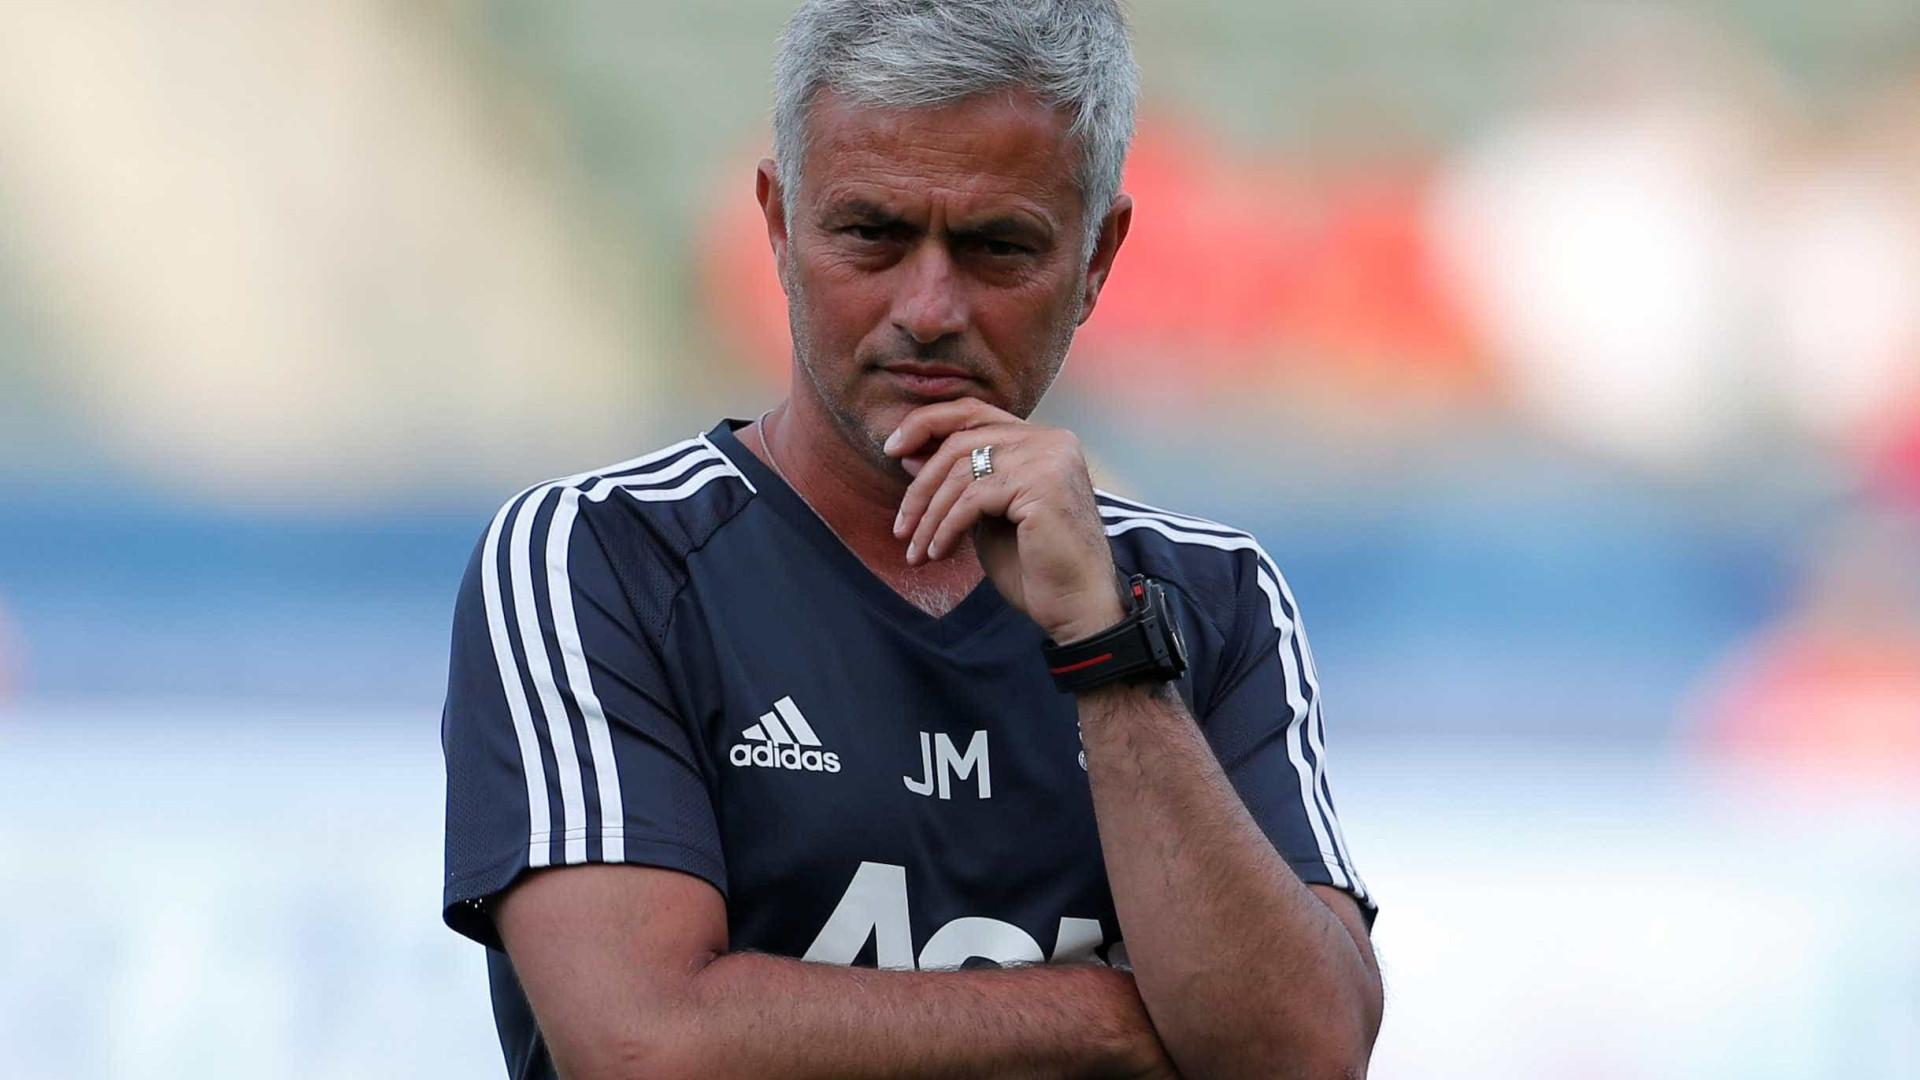 Manchester United acusado de violar regulamentos da UEFA